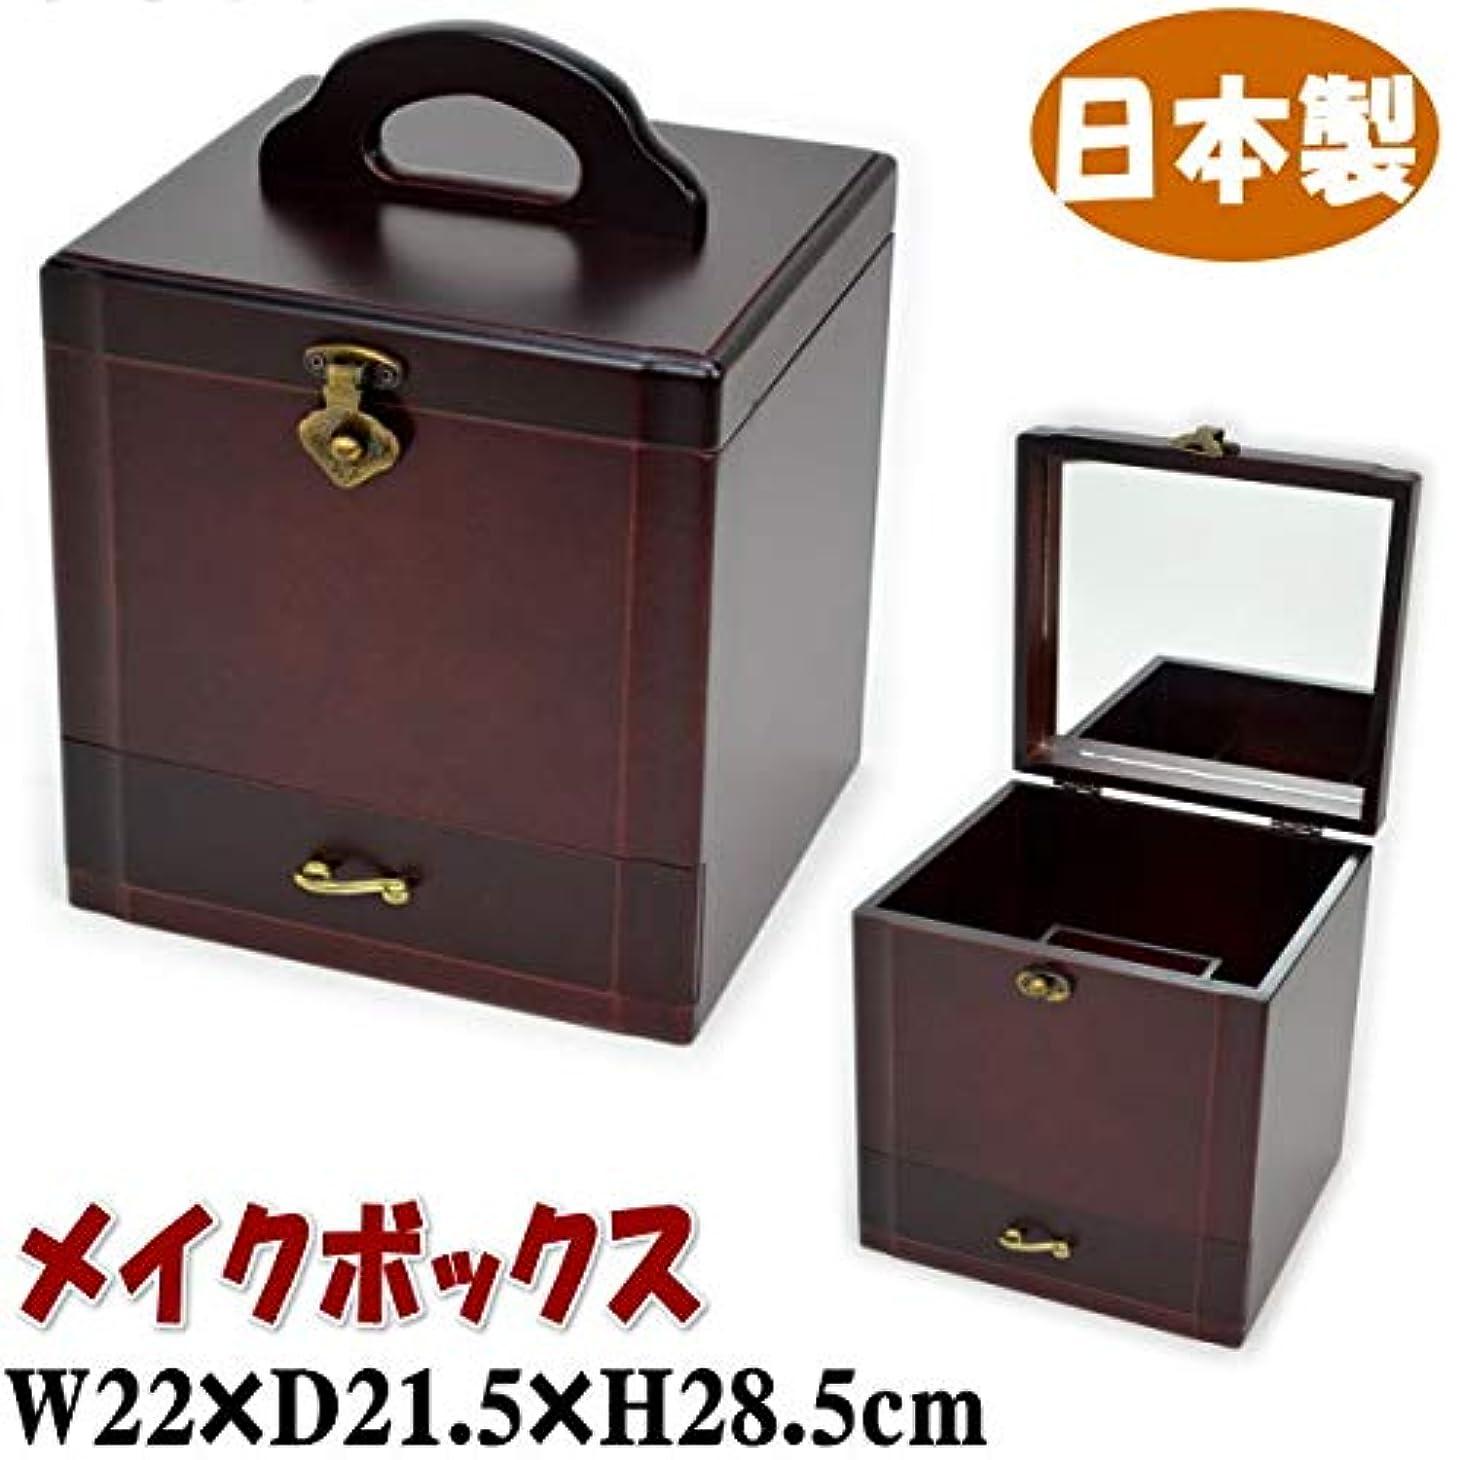 これら雇用者グレートバリアリーフメイクボックス 木製 ワイン ブラウン 日本製(おしゃれ コスメボックス メークボックス 鏡 収納